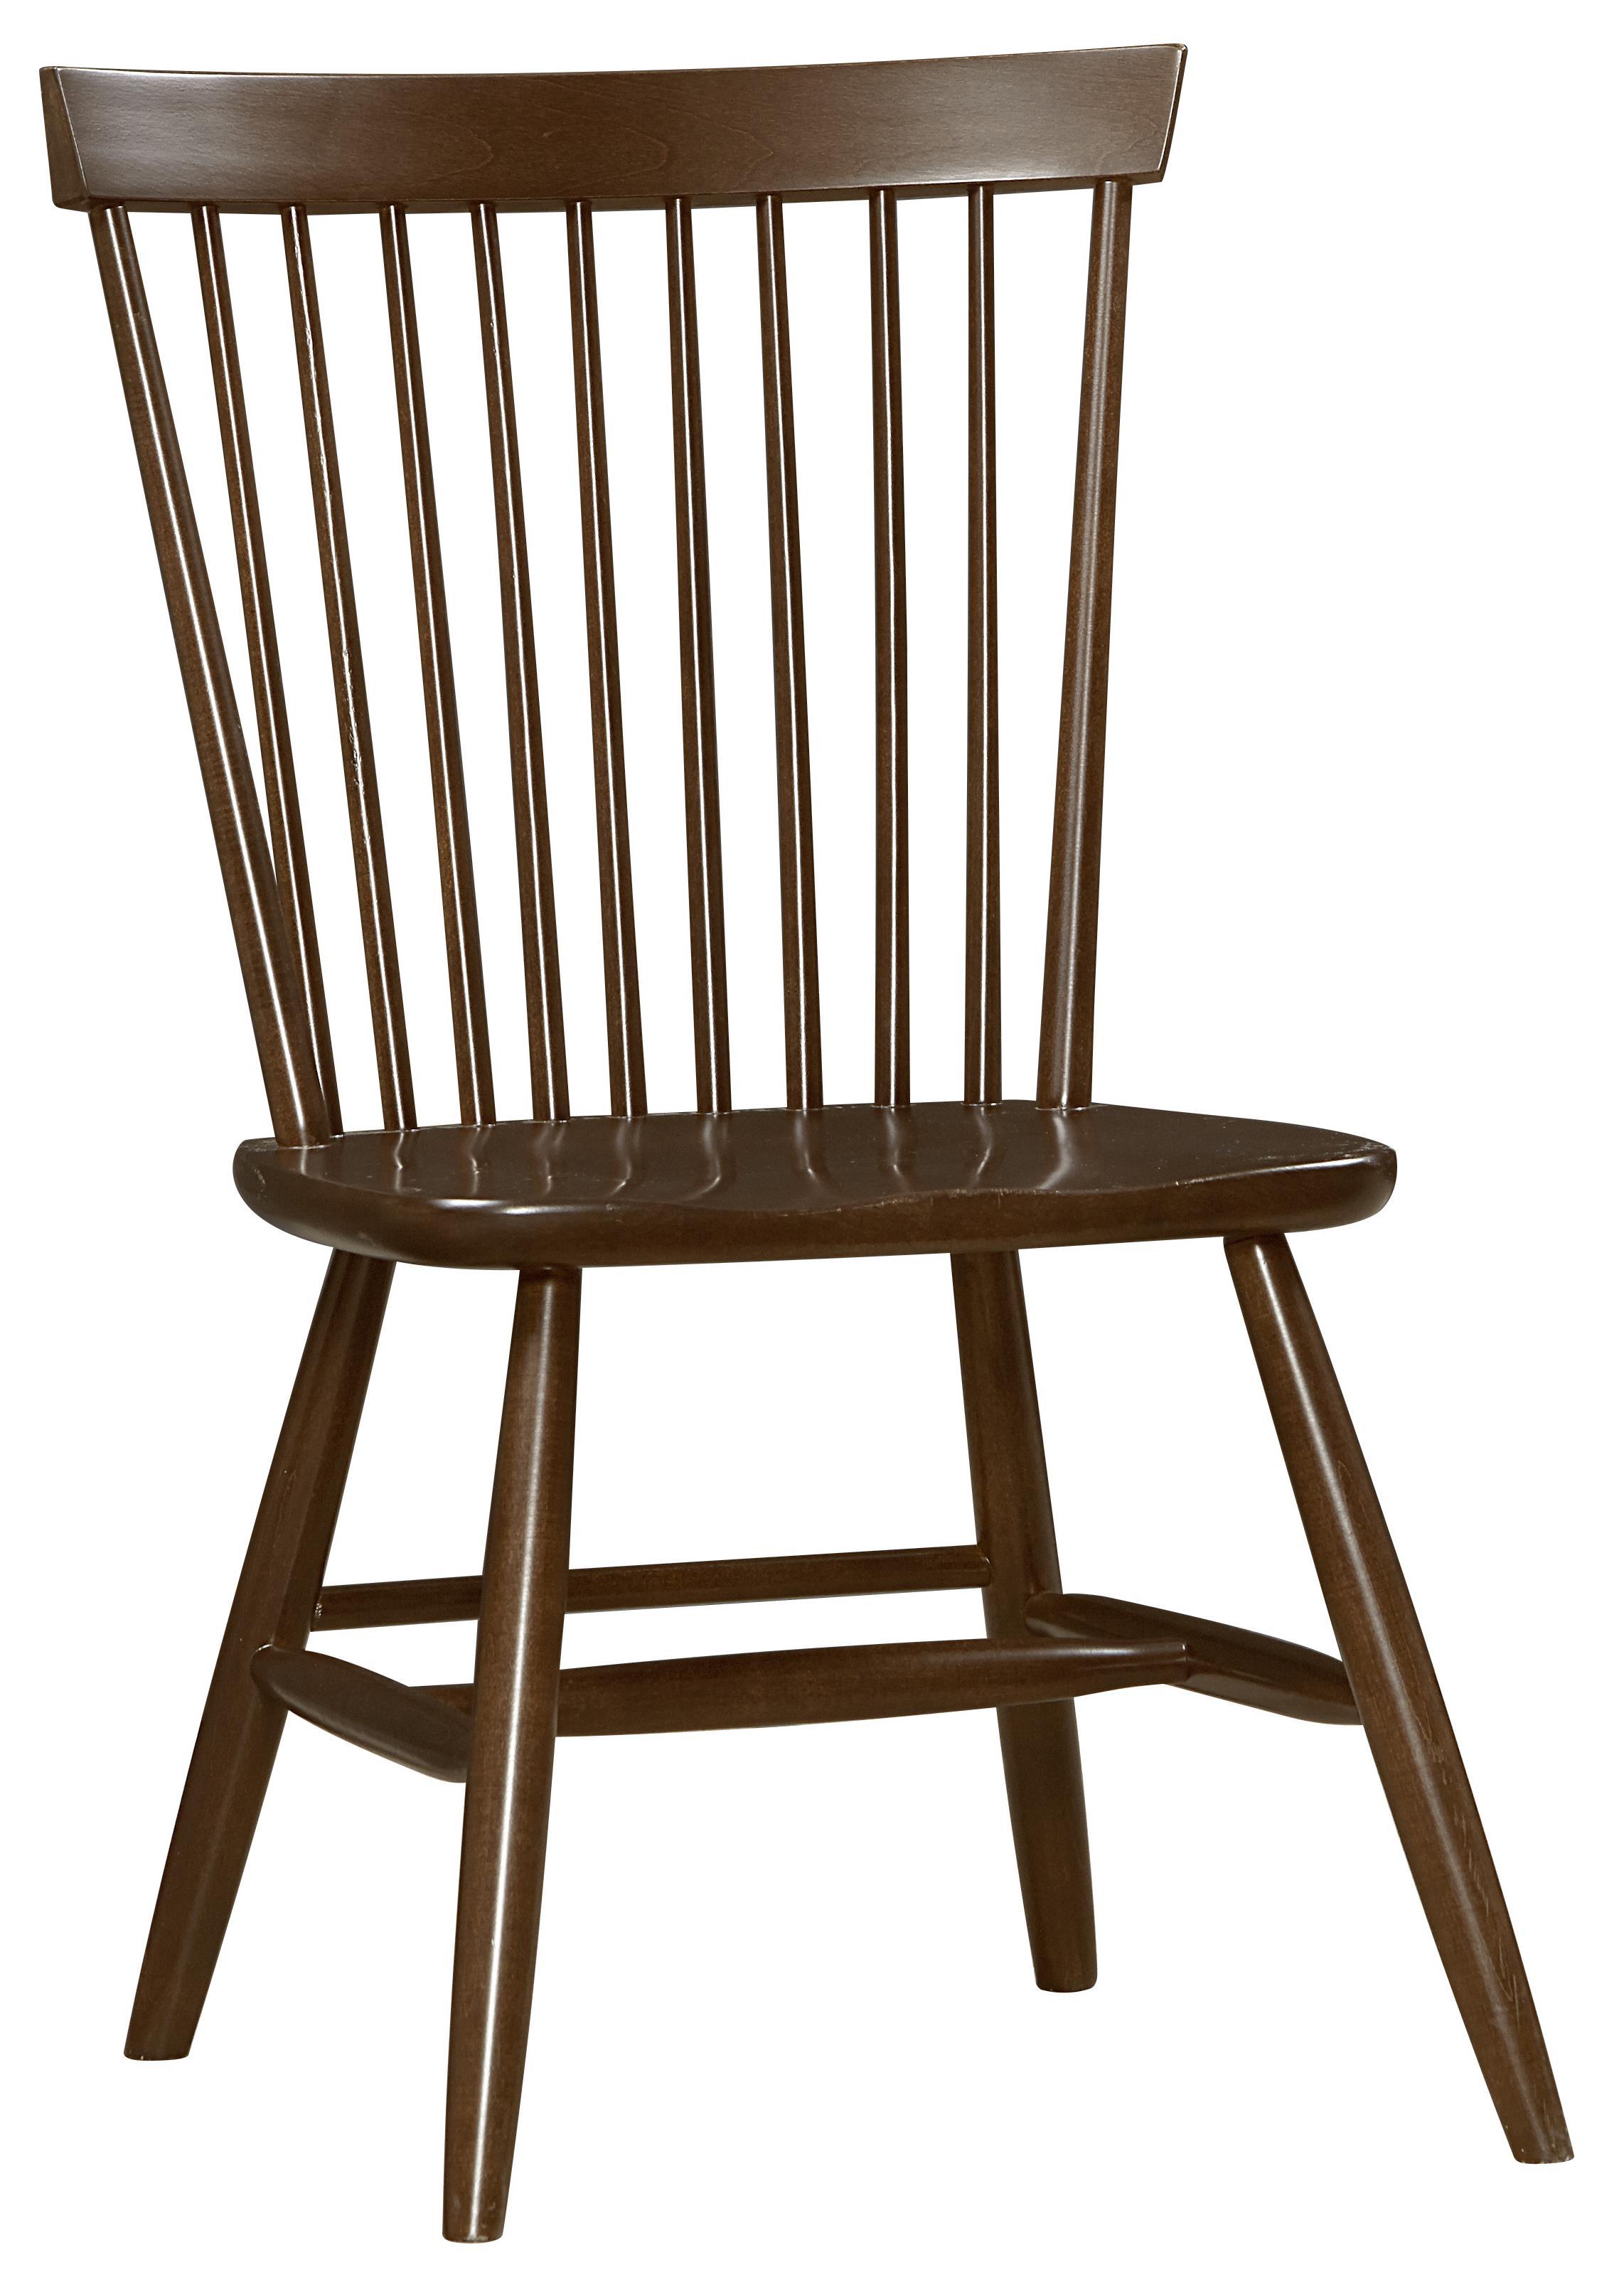 Transitions Desk Chair by Vaughan Bassett at Lapeer Furniture & Mattress Center